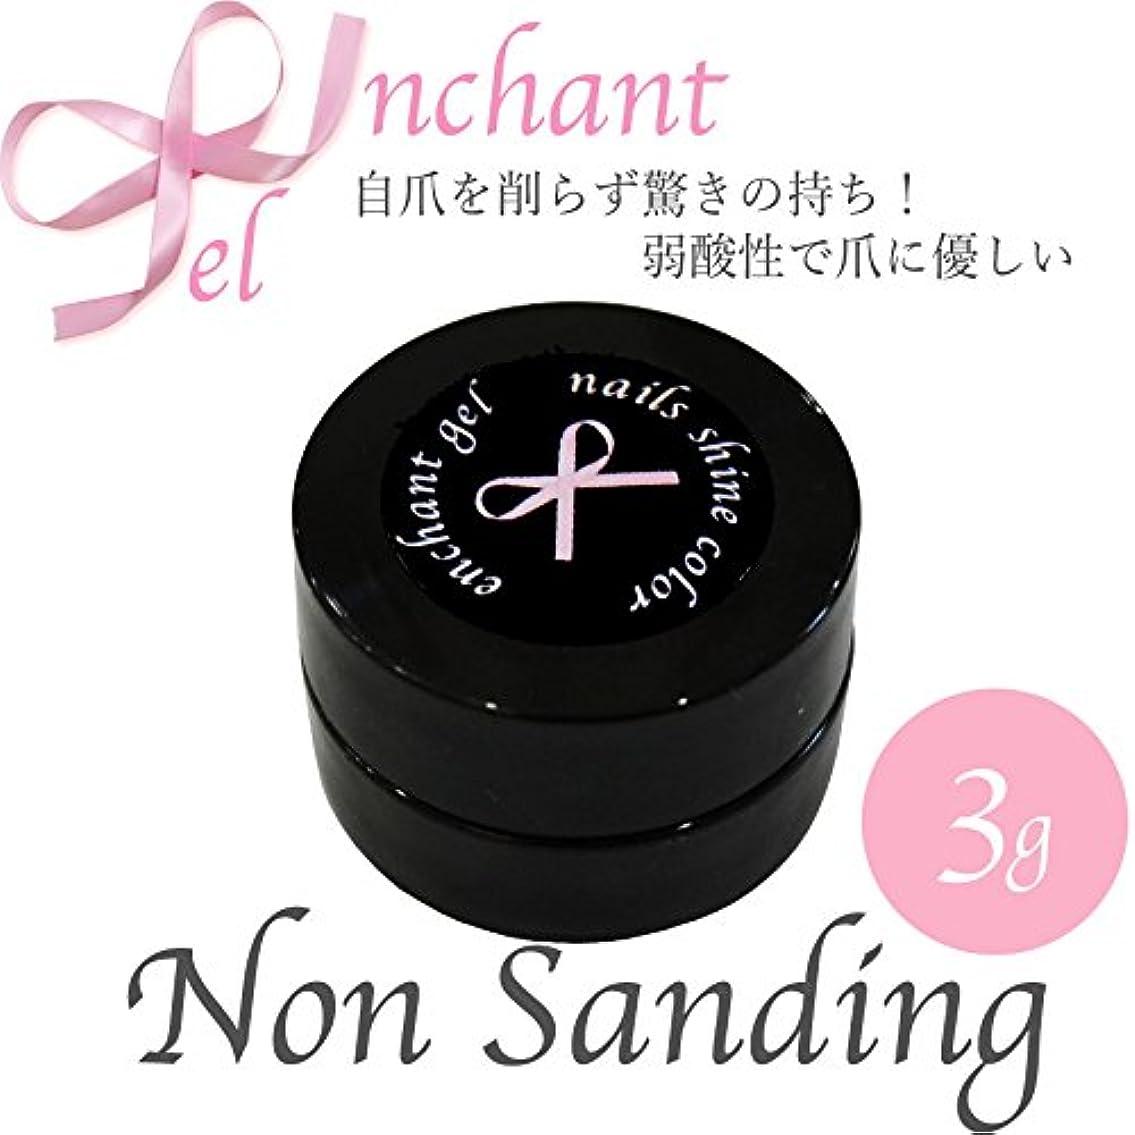 に応じてシャツ平方enchant gel non sanding base gel 3g / エンチャントジェル ノンサンディングベースジェル 3グラム